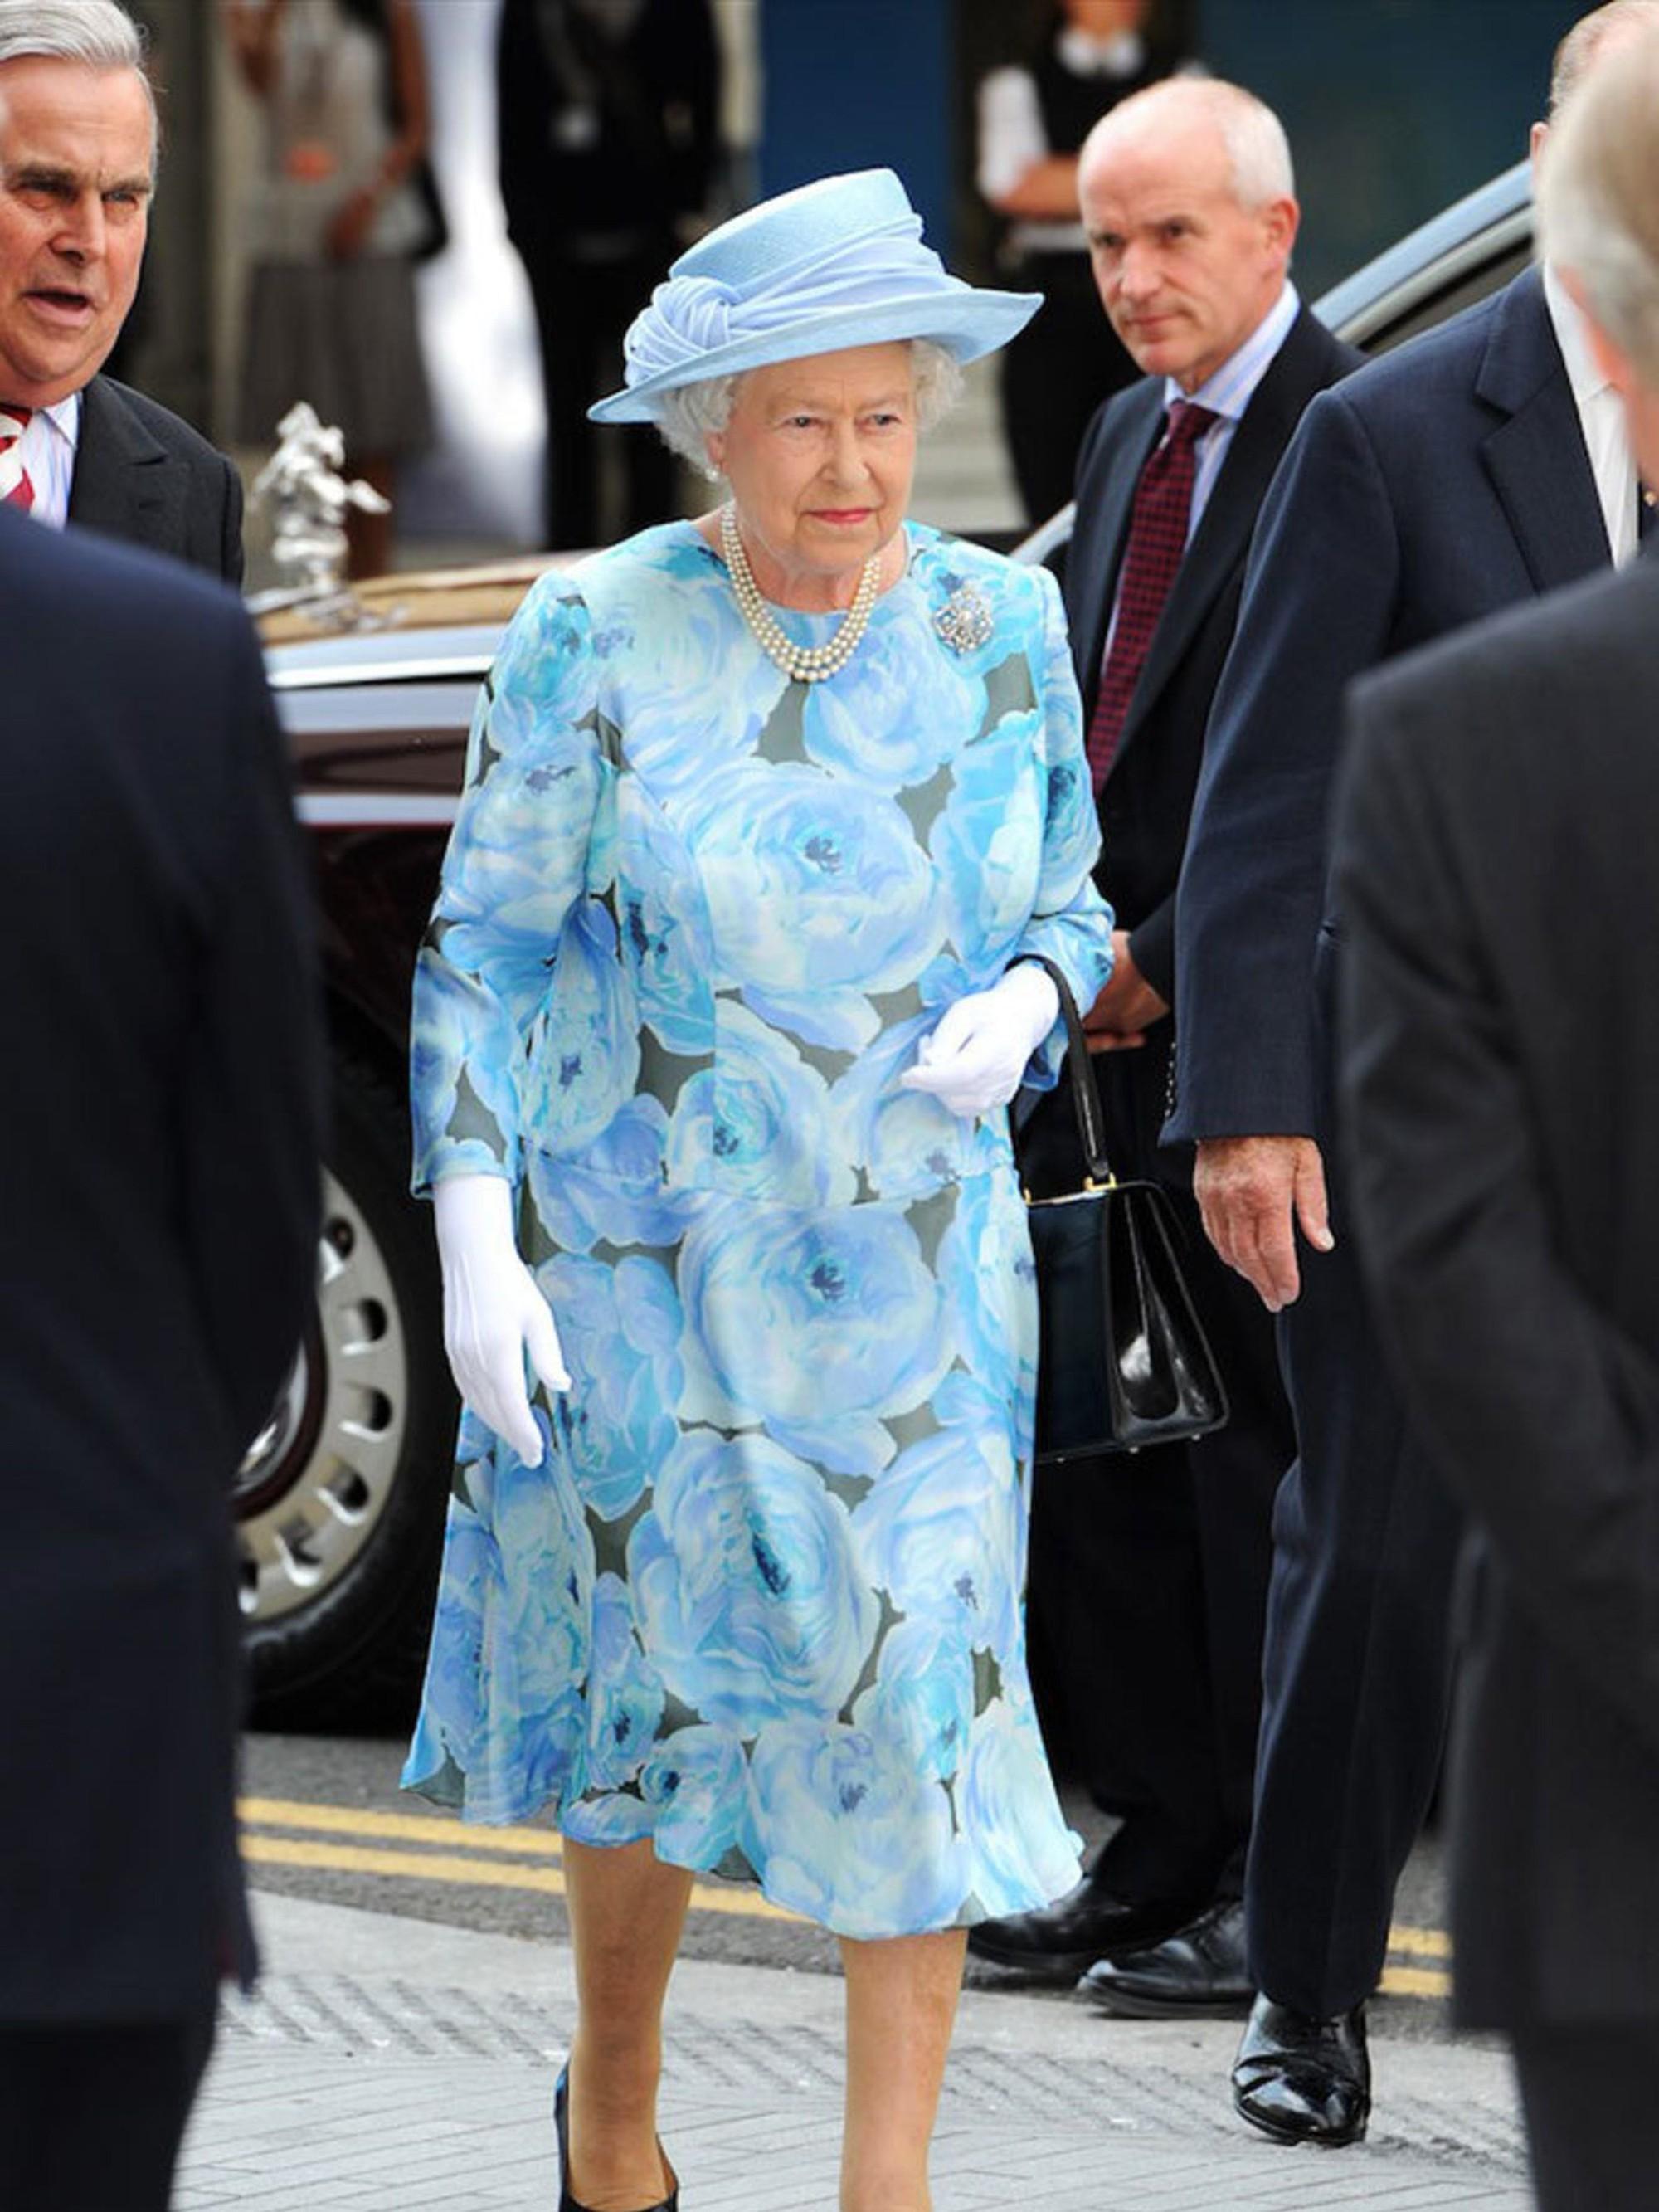 Ngoài gu diện đồ sặc sỡ, Nữ hoàng Anh còn có 5 bí mật làm nên phong cách thời trang không thể trộn lẫn - Ảnh 10.